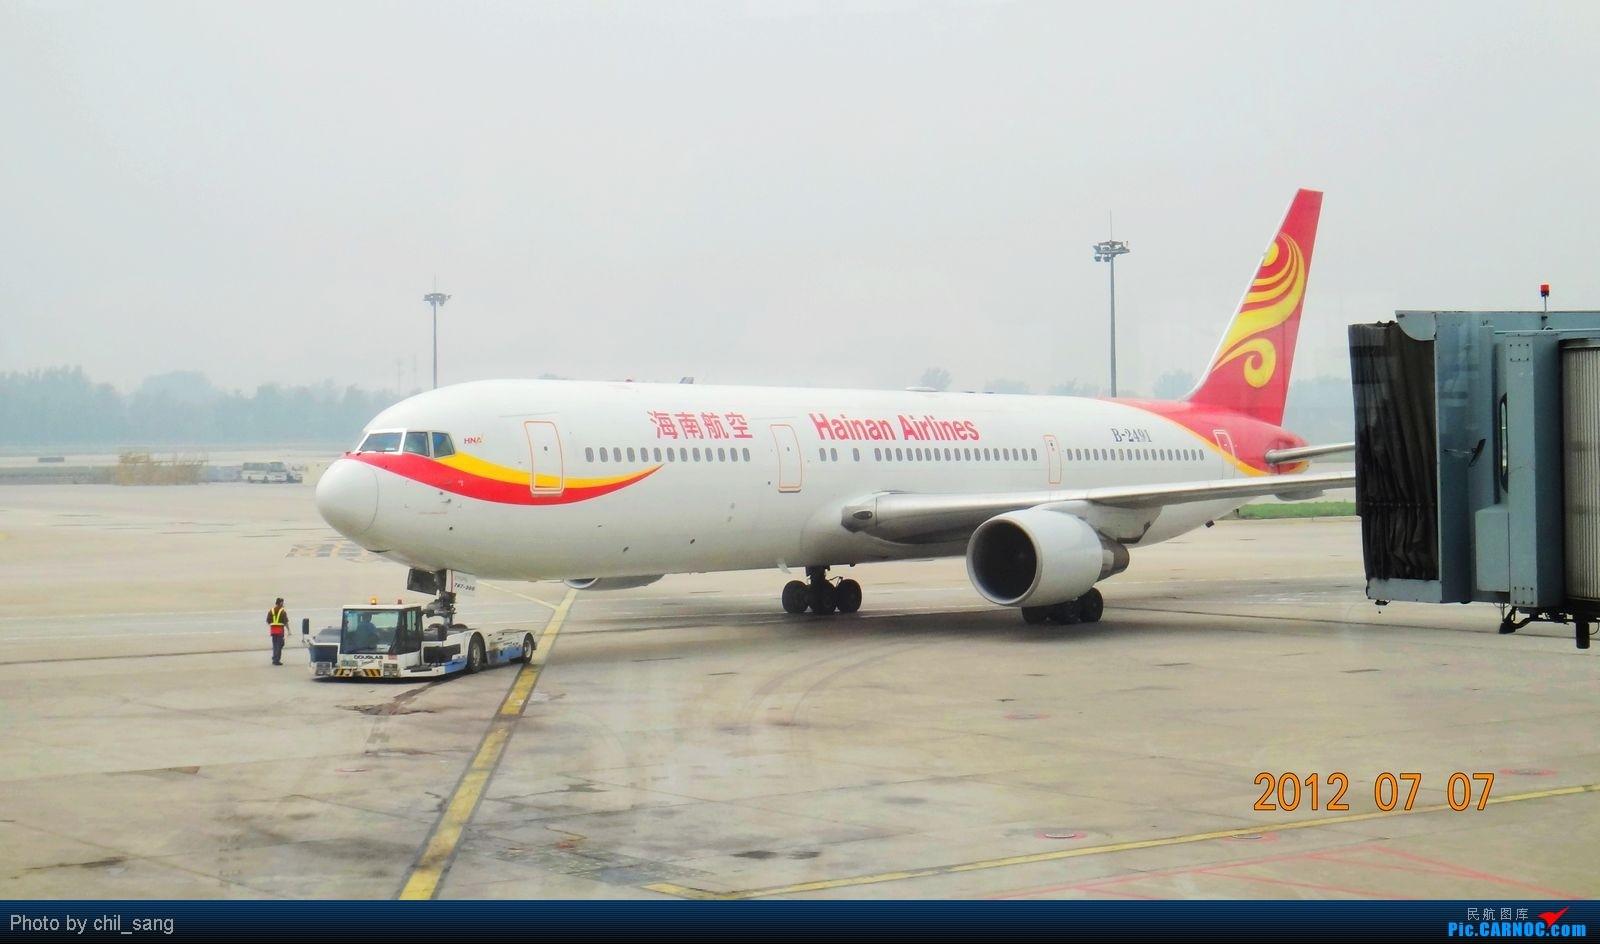 Re:[原创]★ ★ ★ ★ ★  美妙的一天  初次邂逅海航767  ★ ★ ★ ★ ★ BOEING 767-300 B-2491 中国北京首都机场